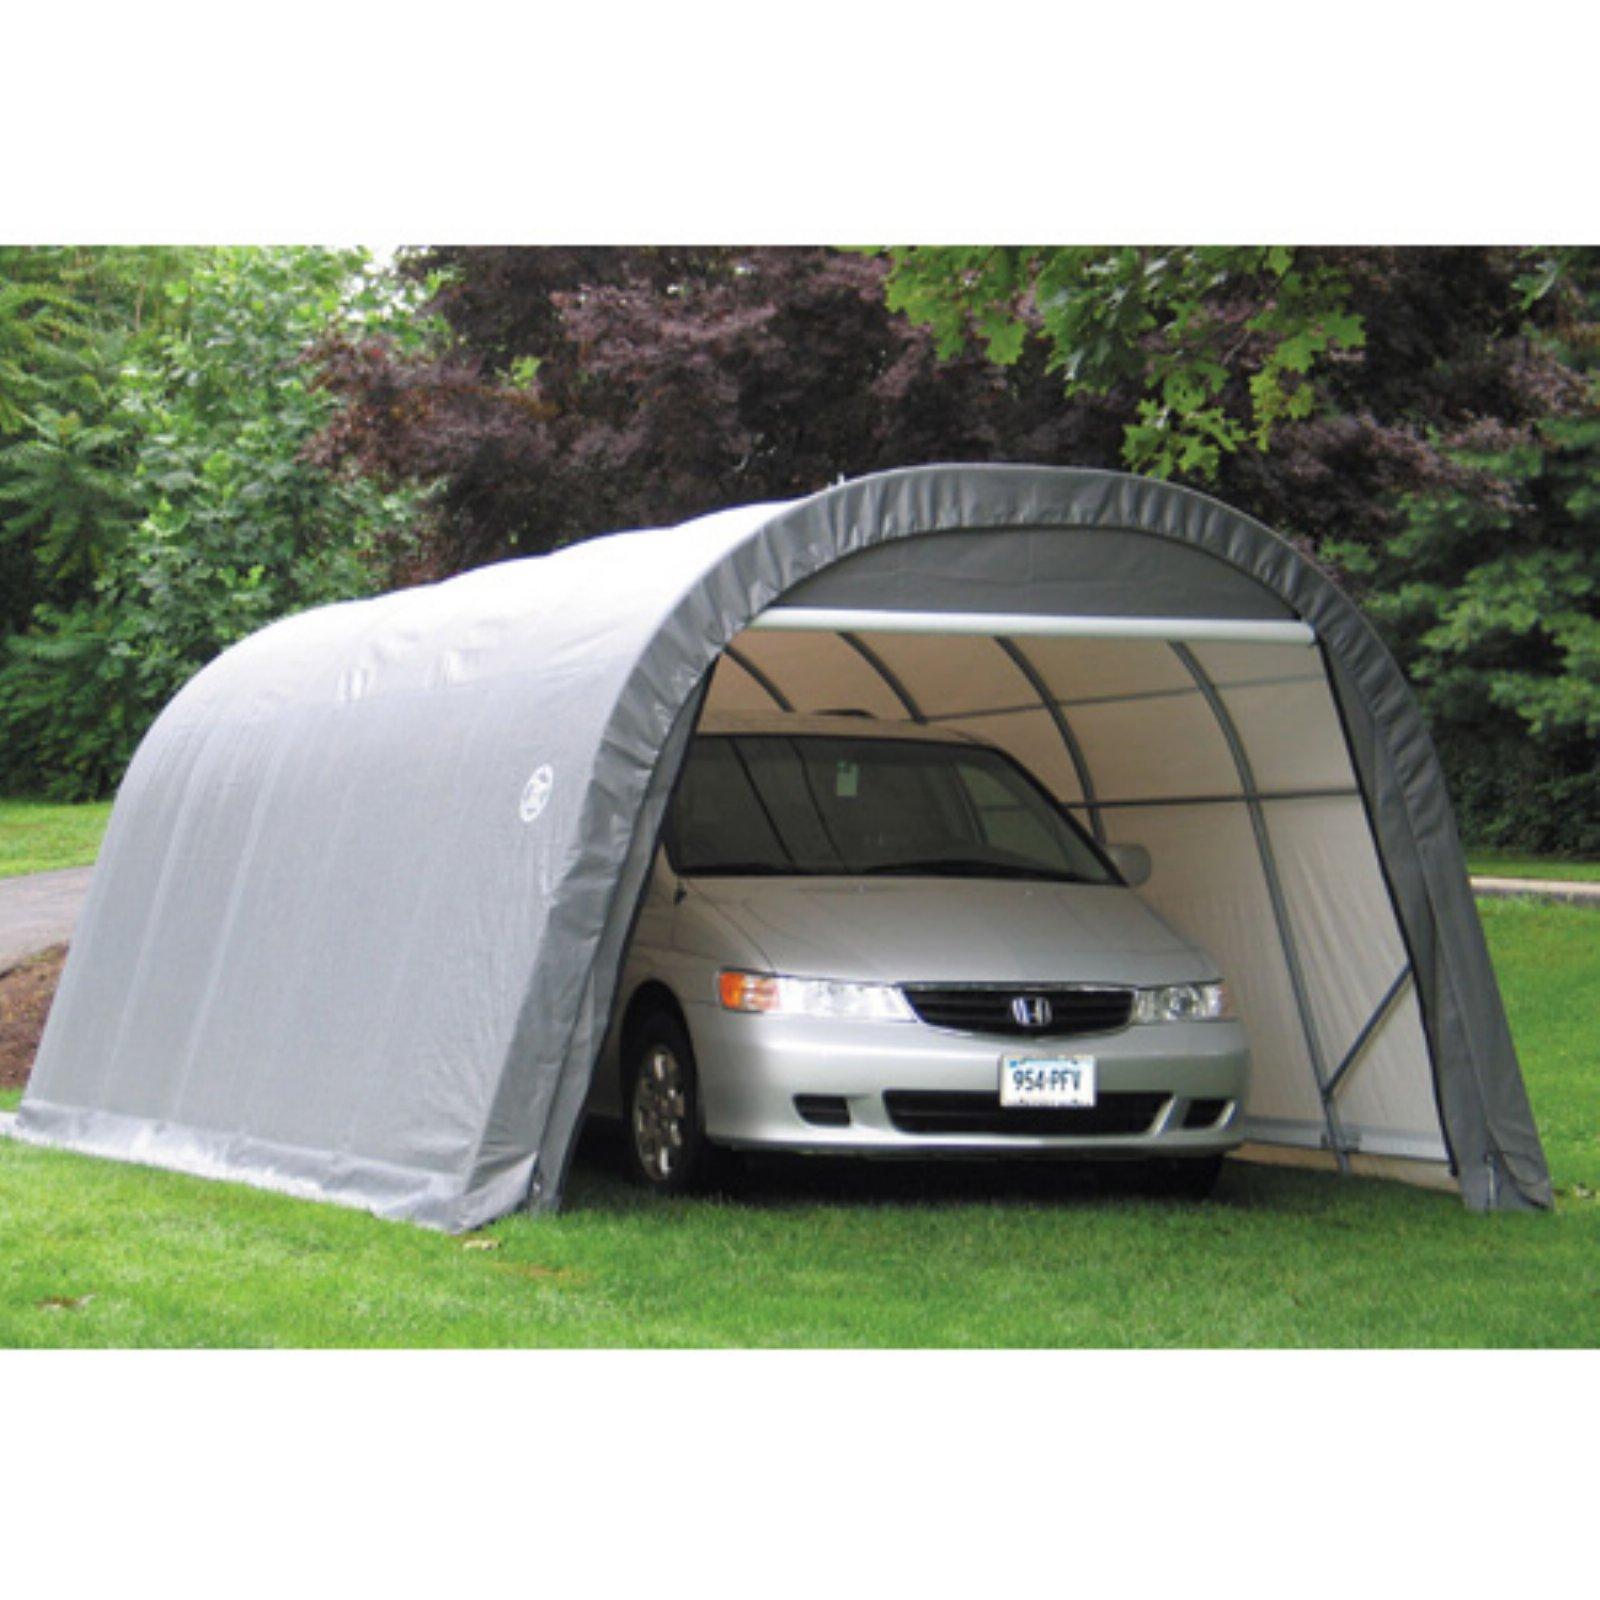 Shelterlogic 12' x 24' x 8' Round Style Shelter